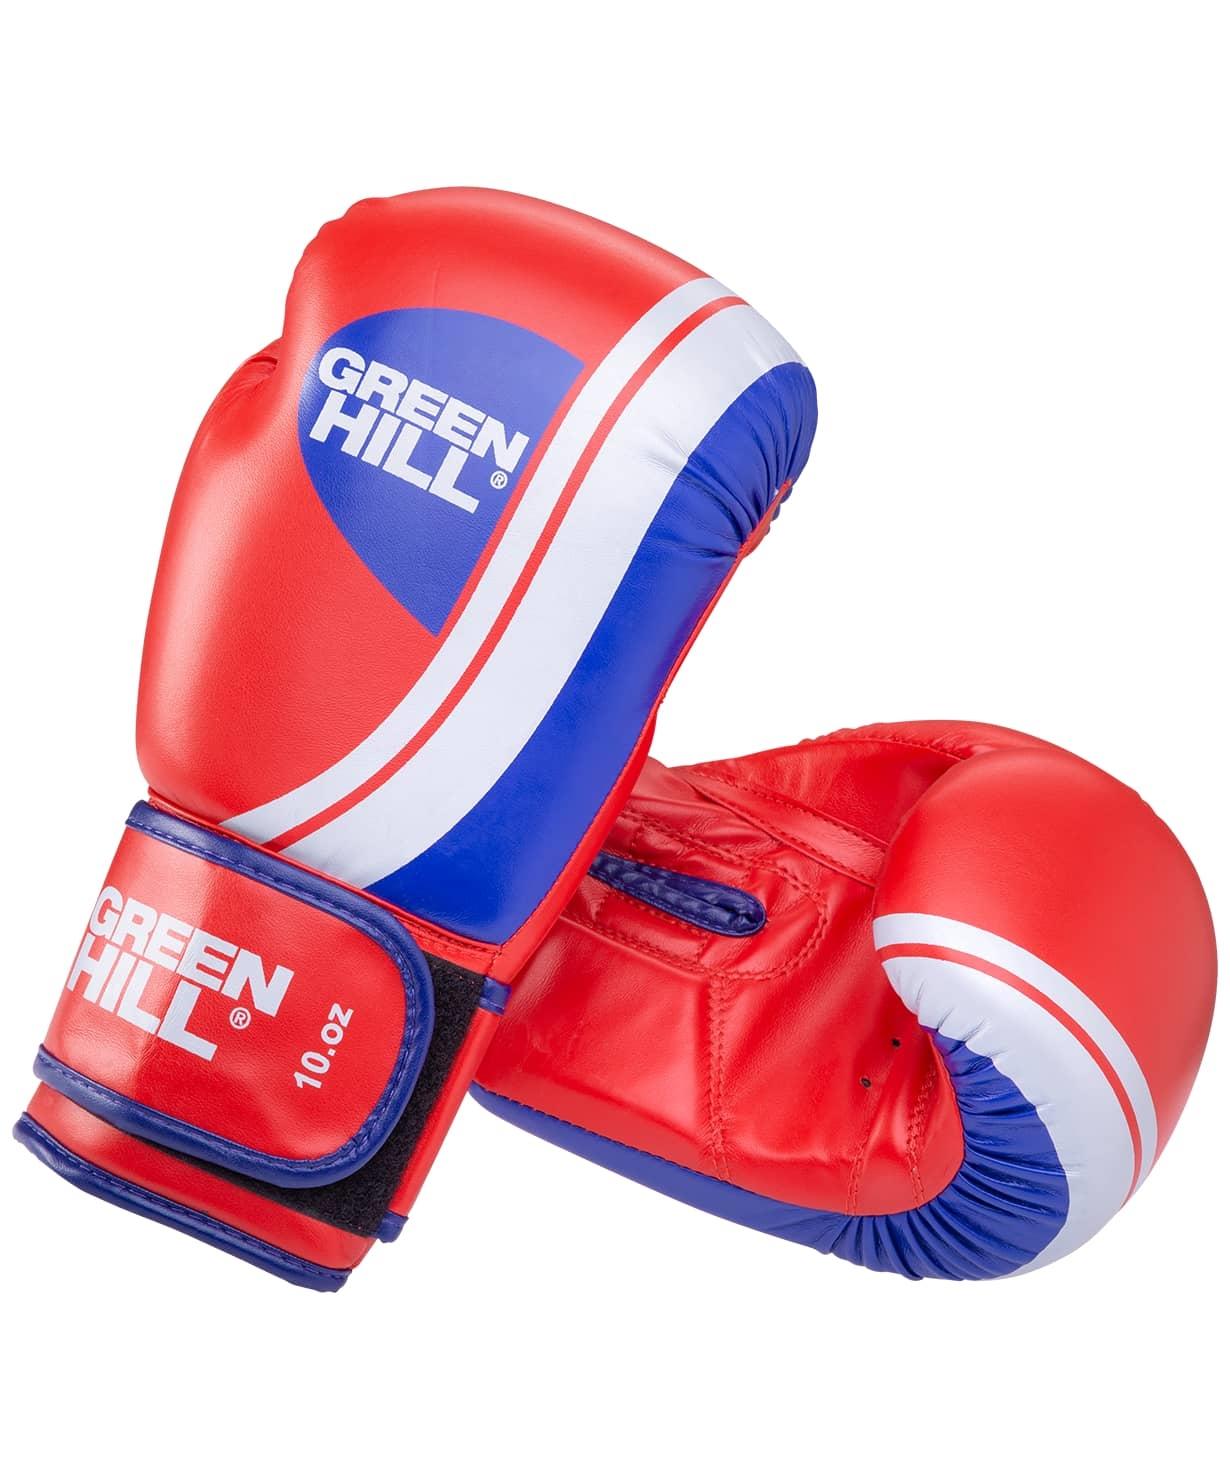 Перчатки боксерские Knockout BGK-2266, 10oz, к/з, красный